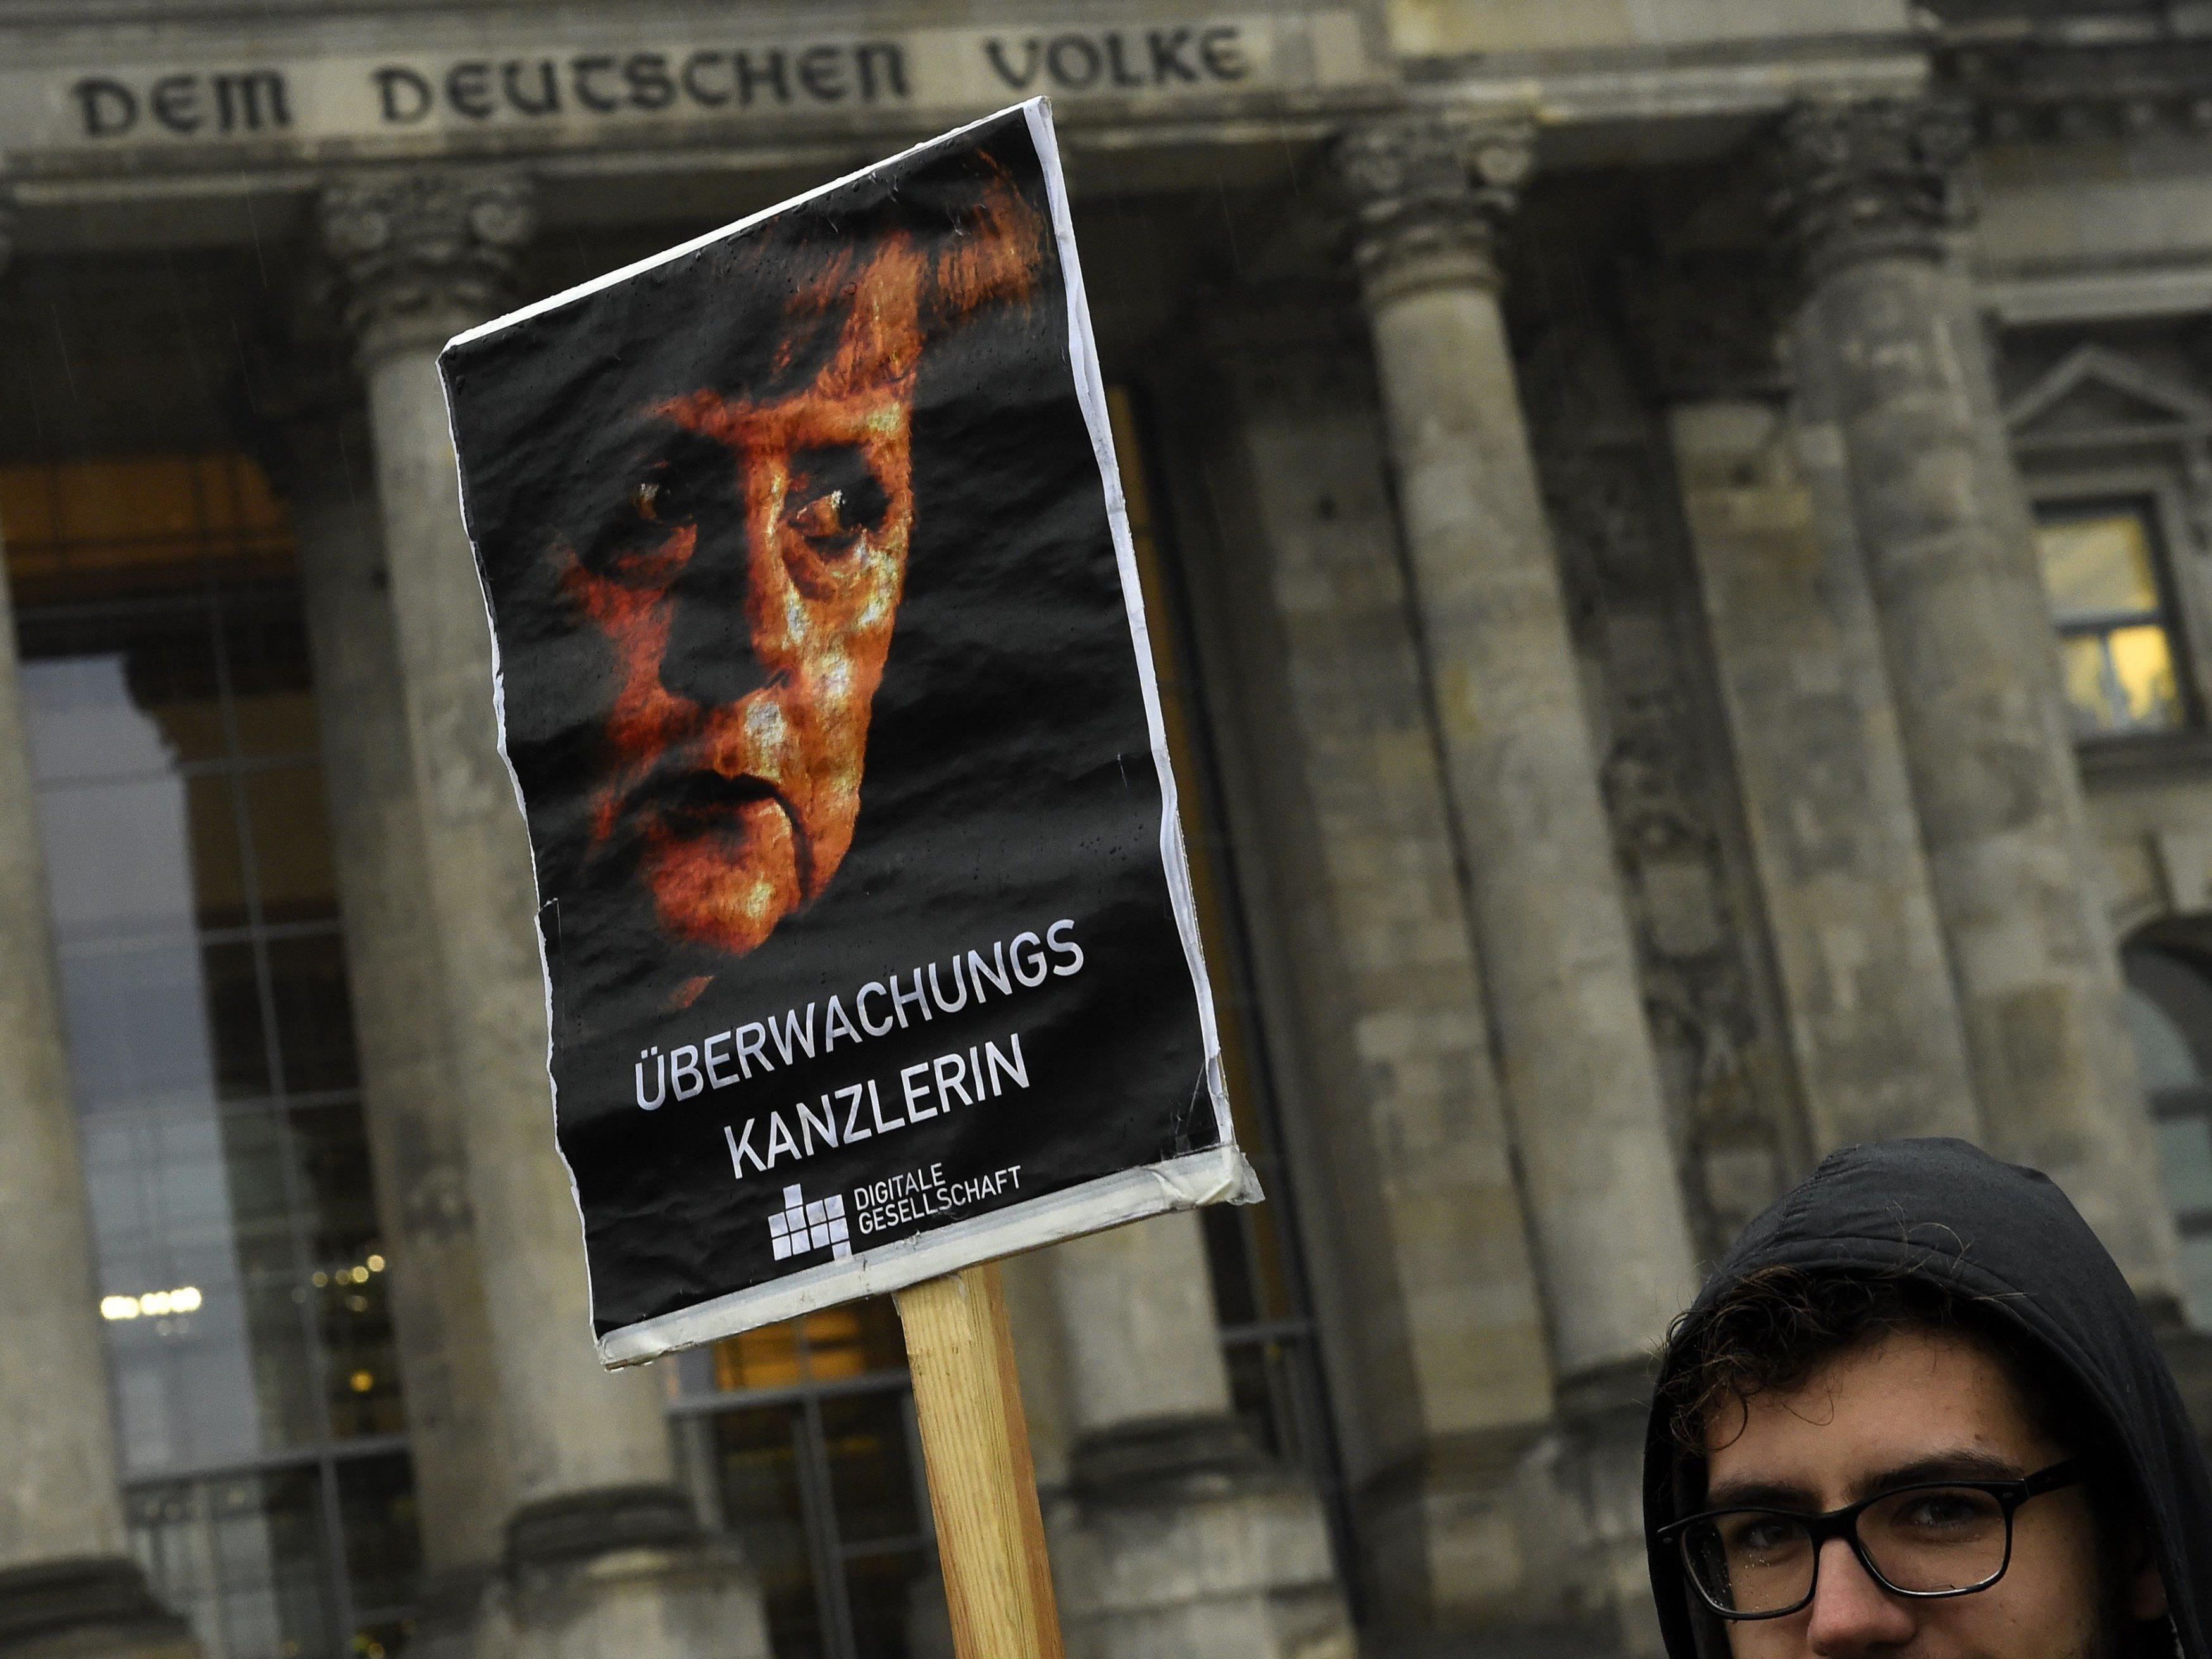 Während im Bundestag die VDS beschlossen wurde, demonstrierten davor Überwachungsgegner.